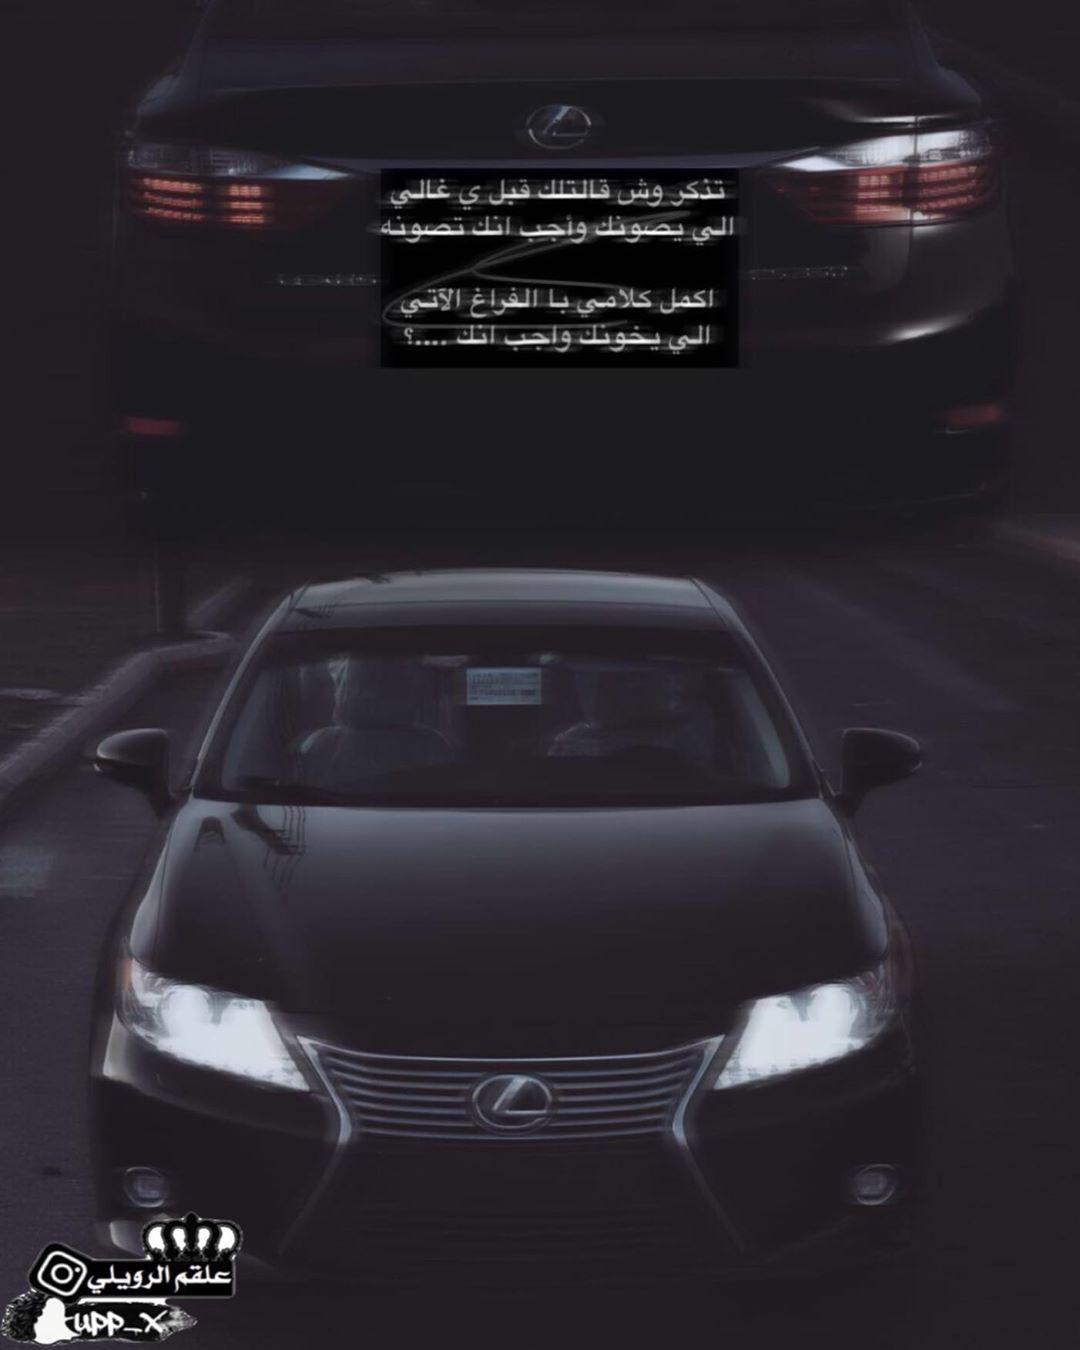 حلم تصويري تصميم تصميمي تصبحون على خير تصاميم افلام حب الكويت اليمن العراق صباح الخير 2 Jeep Pickup Fiat Chrysler Automobiles New Cars